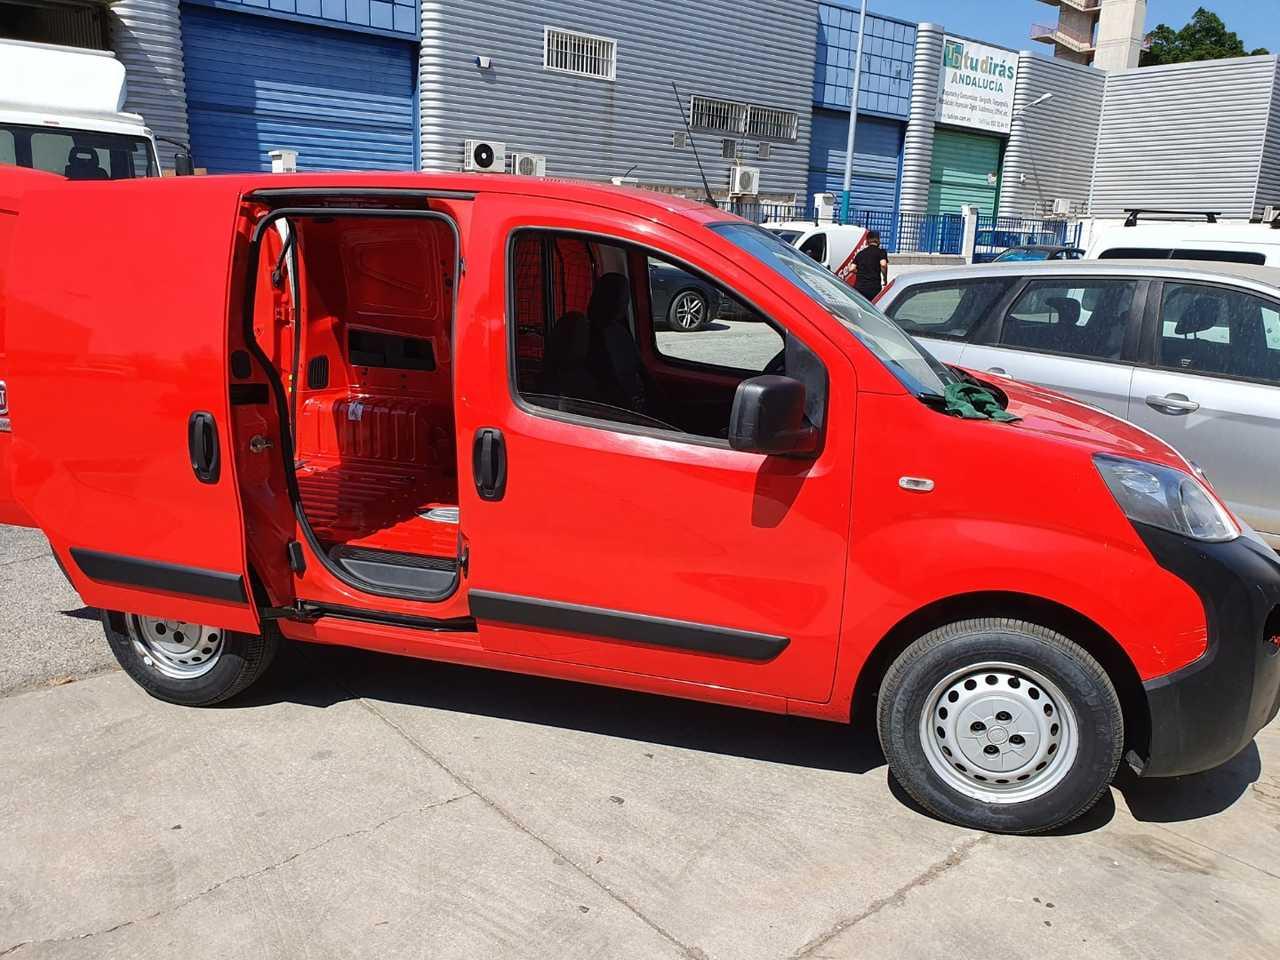 Fiat Fiorino Cargo 1.3 CDTI PUERTA CORREDERA  CERTIFICADO DE KM Y CARROCERIA  - Foto 1